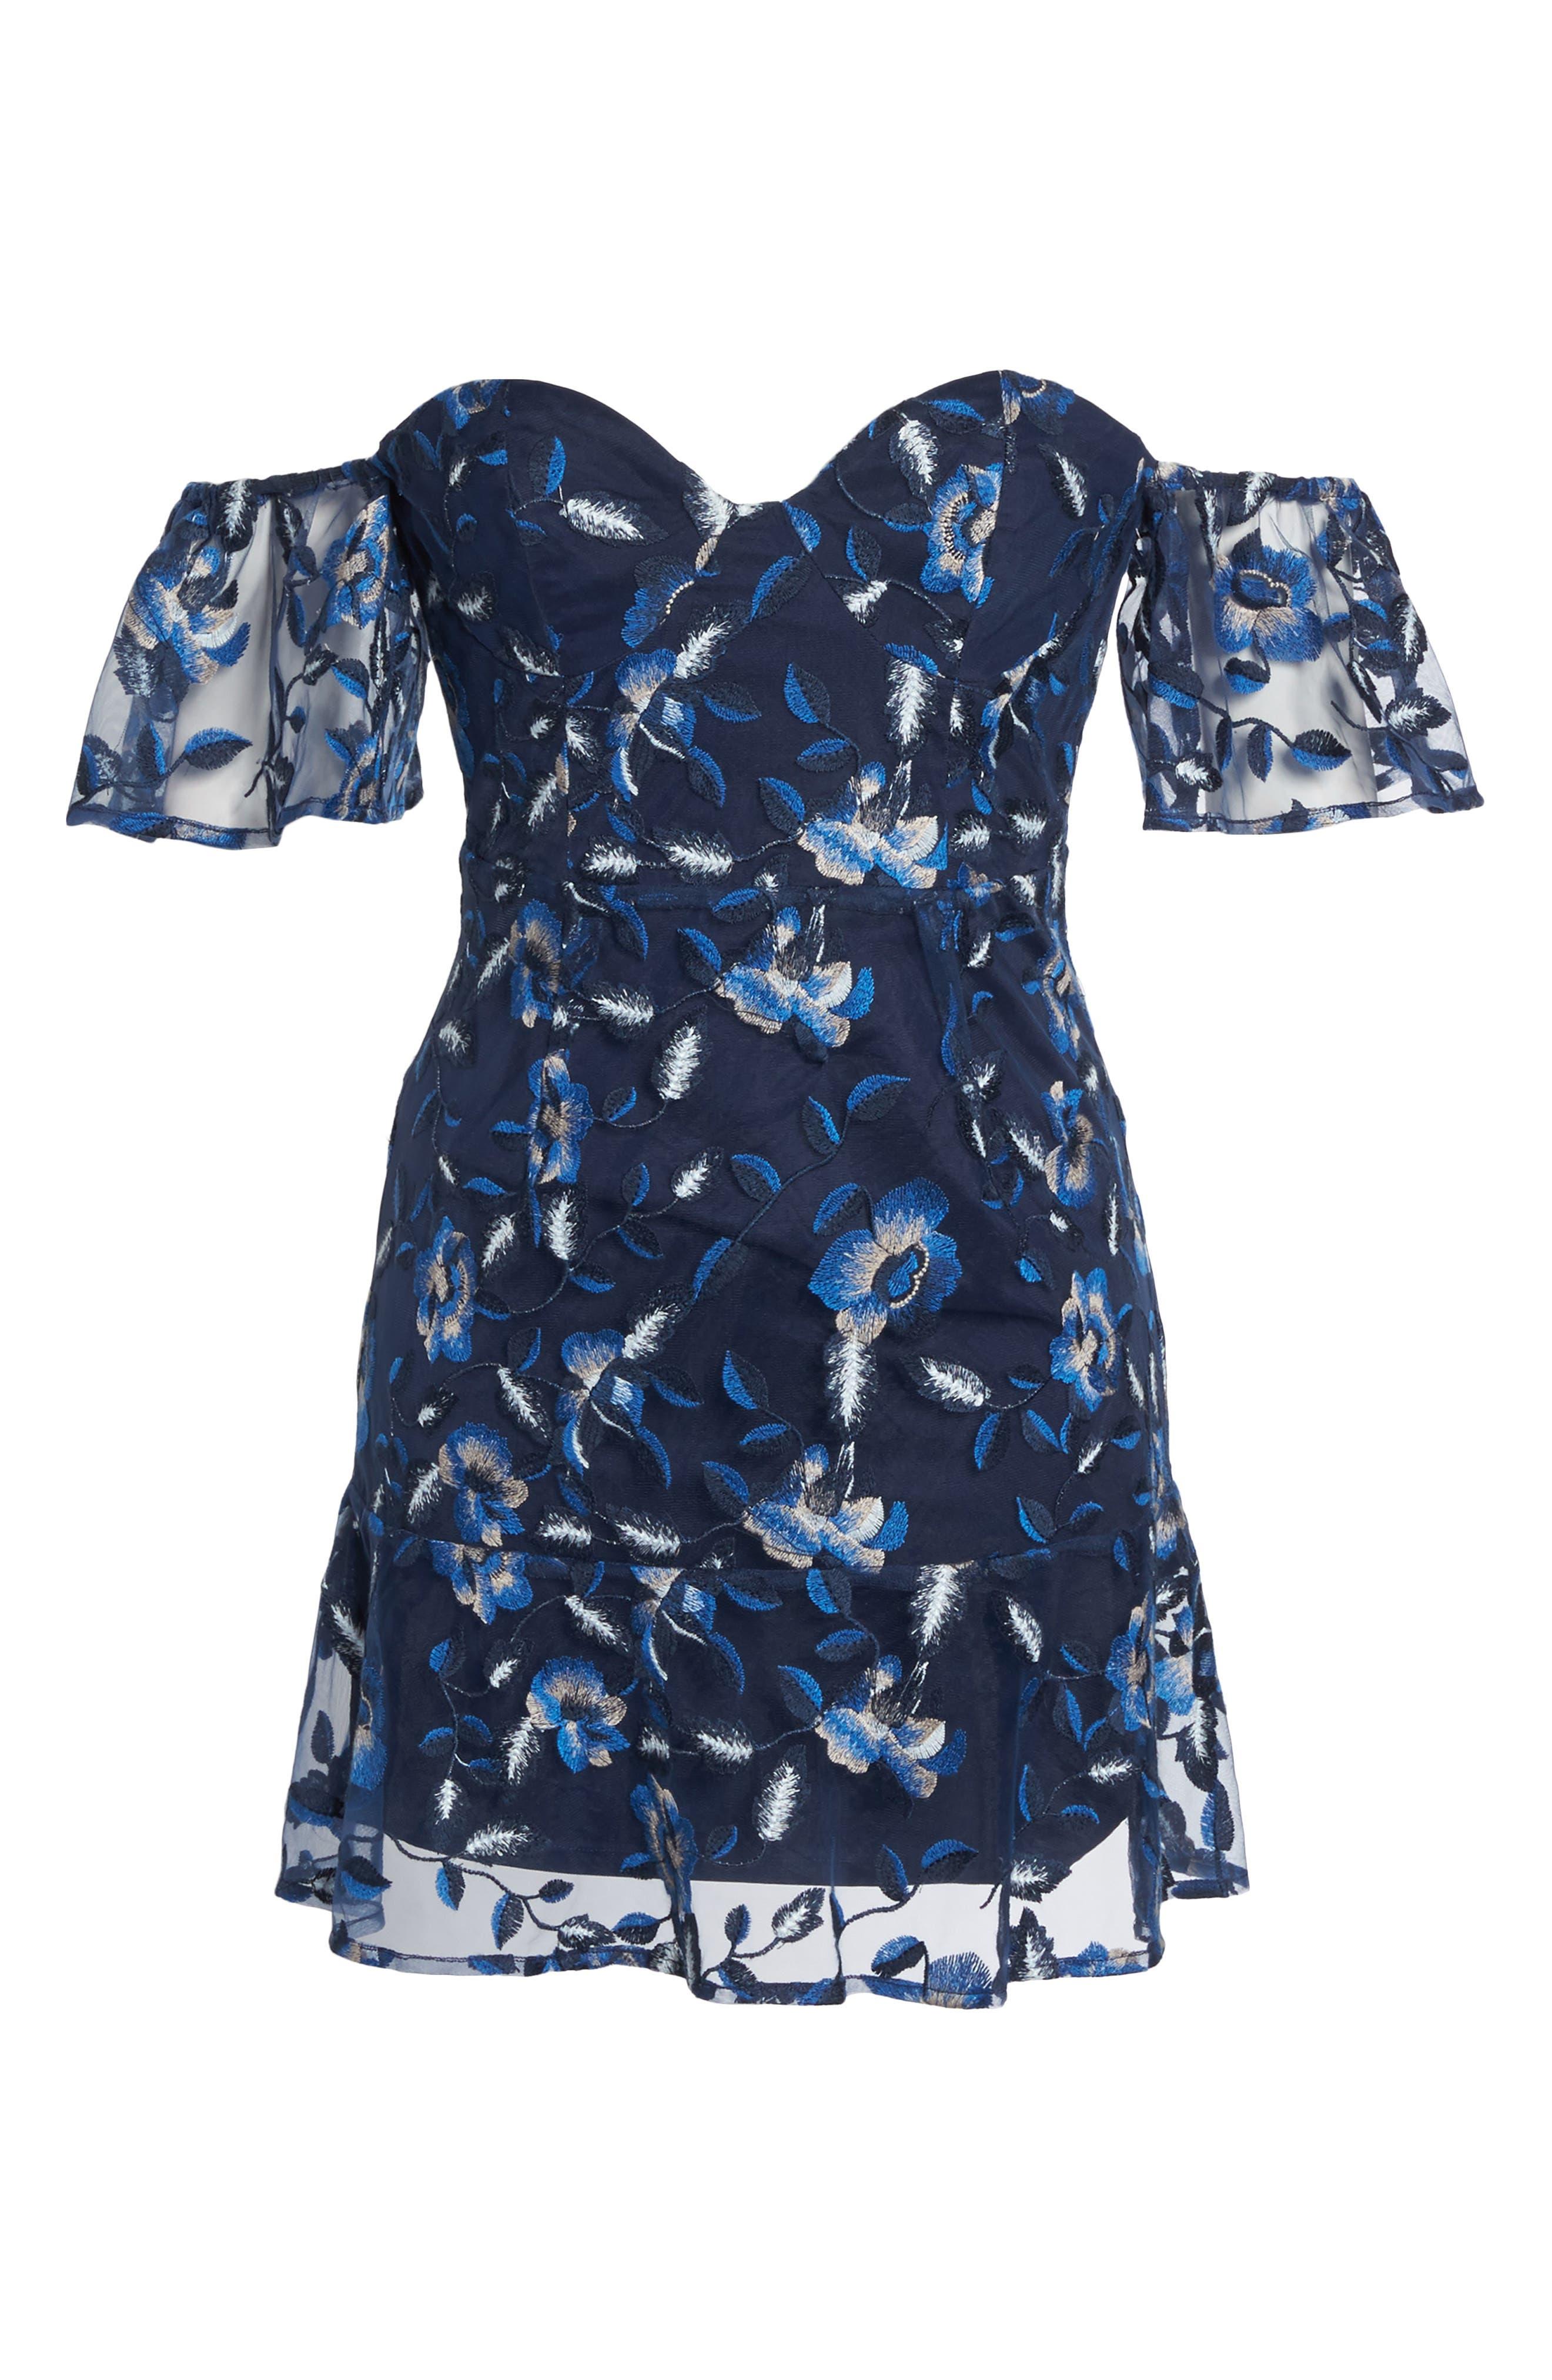 Sapphire Lace Off the Shoulder Dress,                             Alternate thumbnail 6, color,                             471